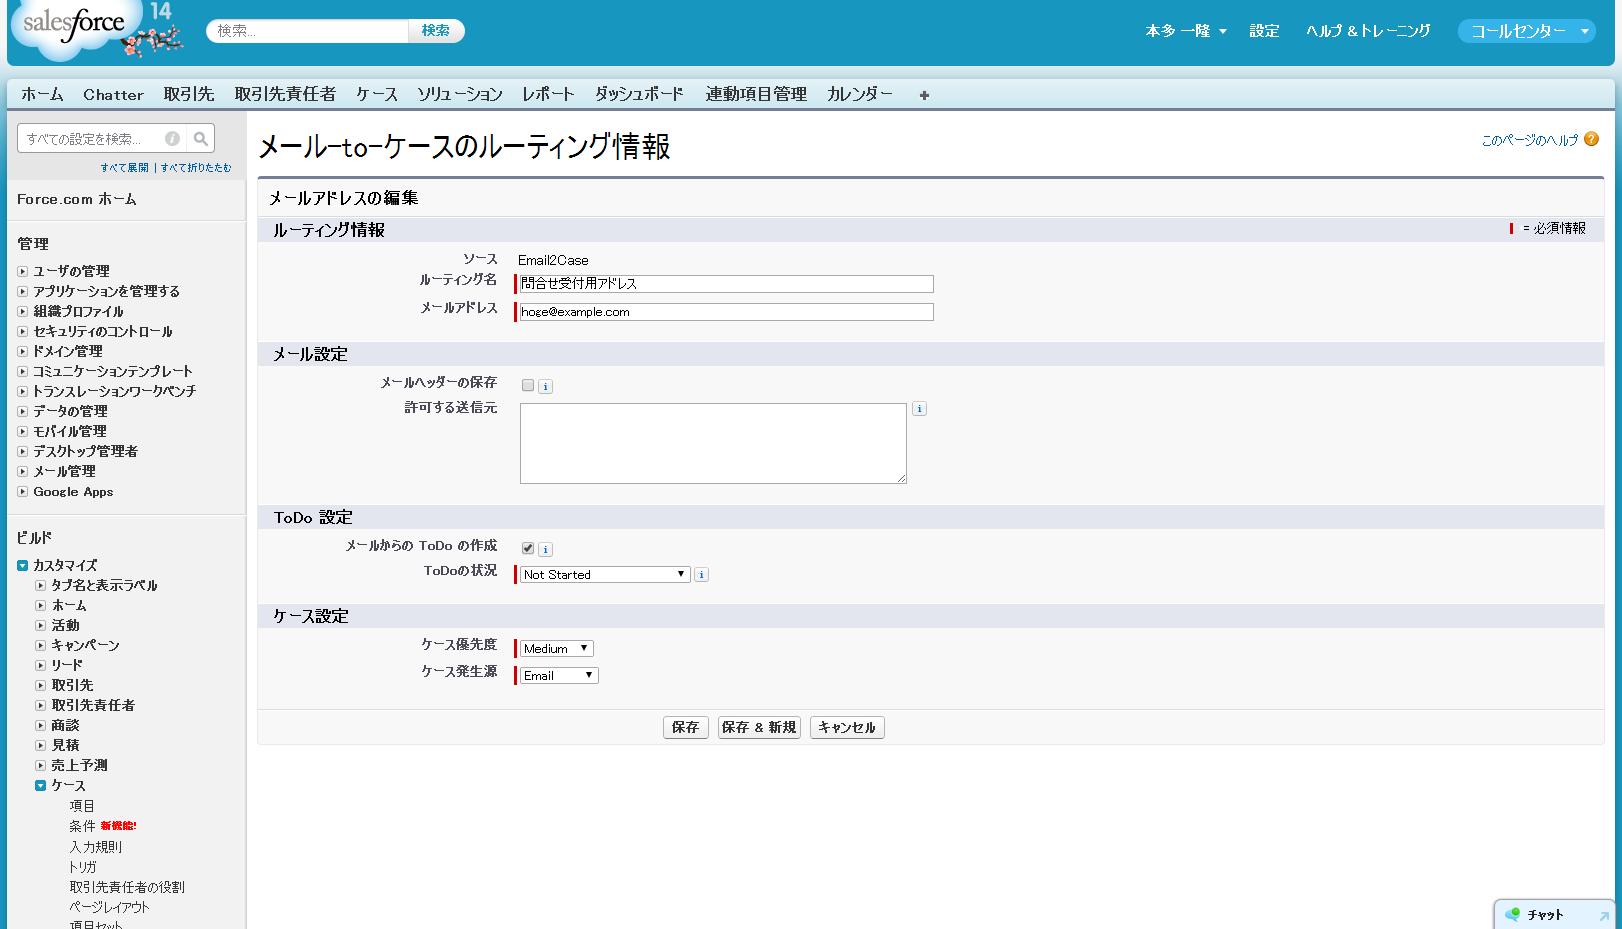 メール-to-ケースのルーティング情報